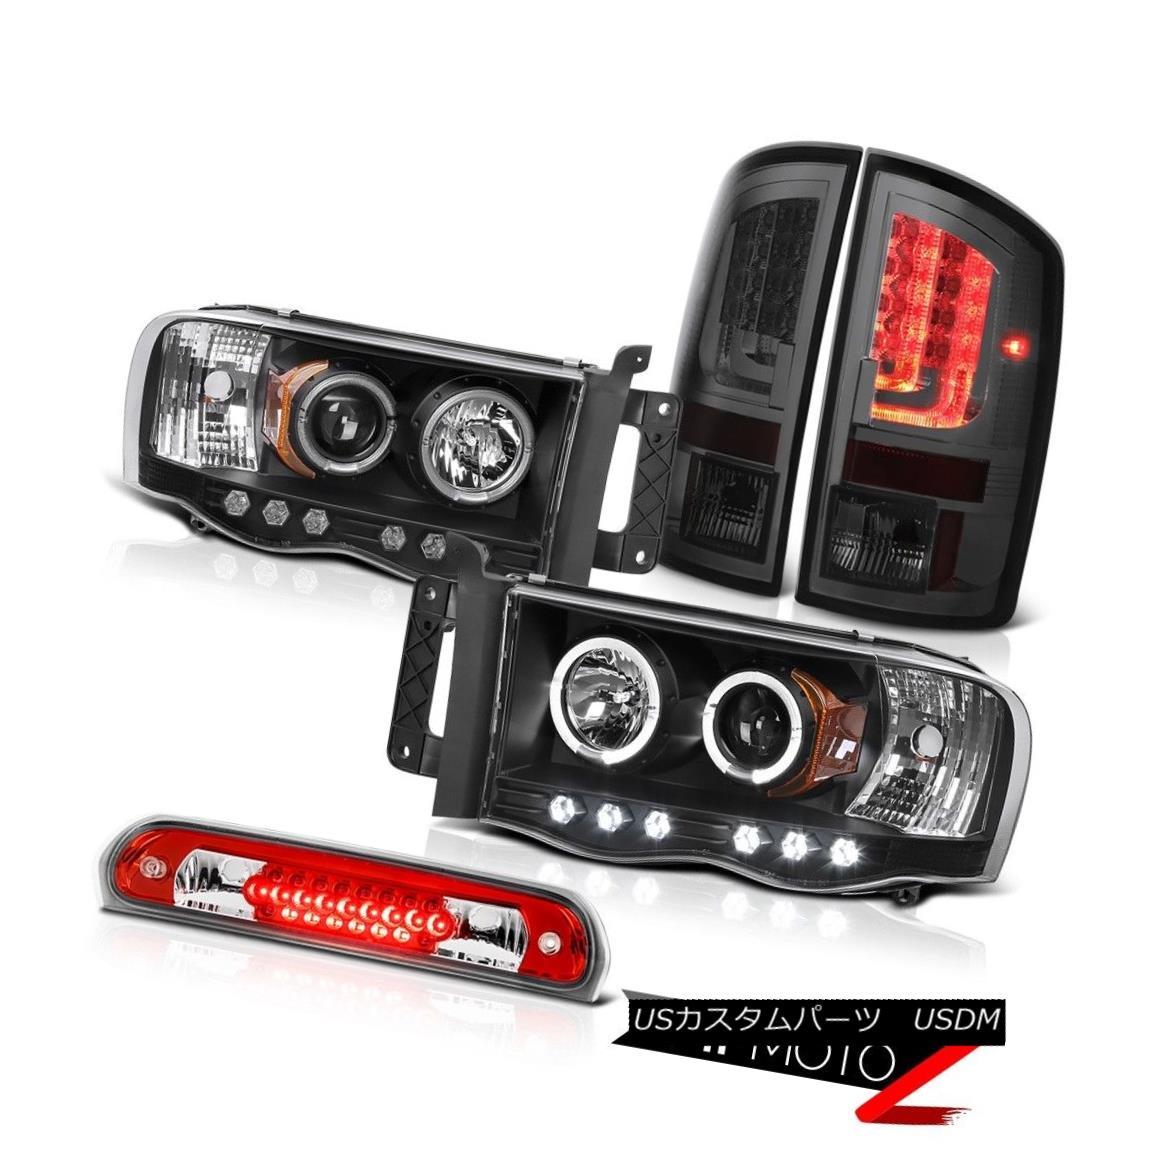 テールライト 2003-2005 Dodge Ram 1500 3.7L Taillamps Projector Headlamps Red Roof Cab Light 2003-2005ダッジラム1500 3.7Lタイルランププロジェクターヘッドランプレッドルーフキャブライト